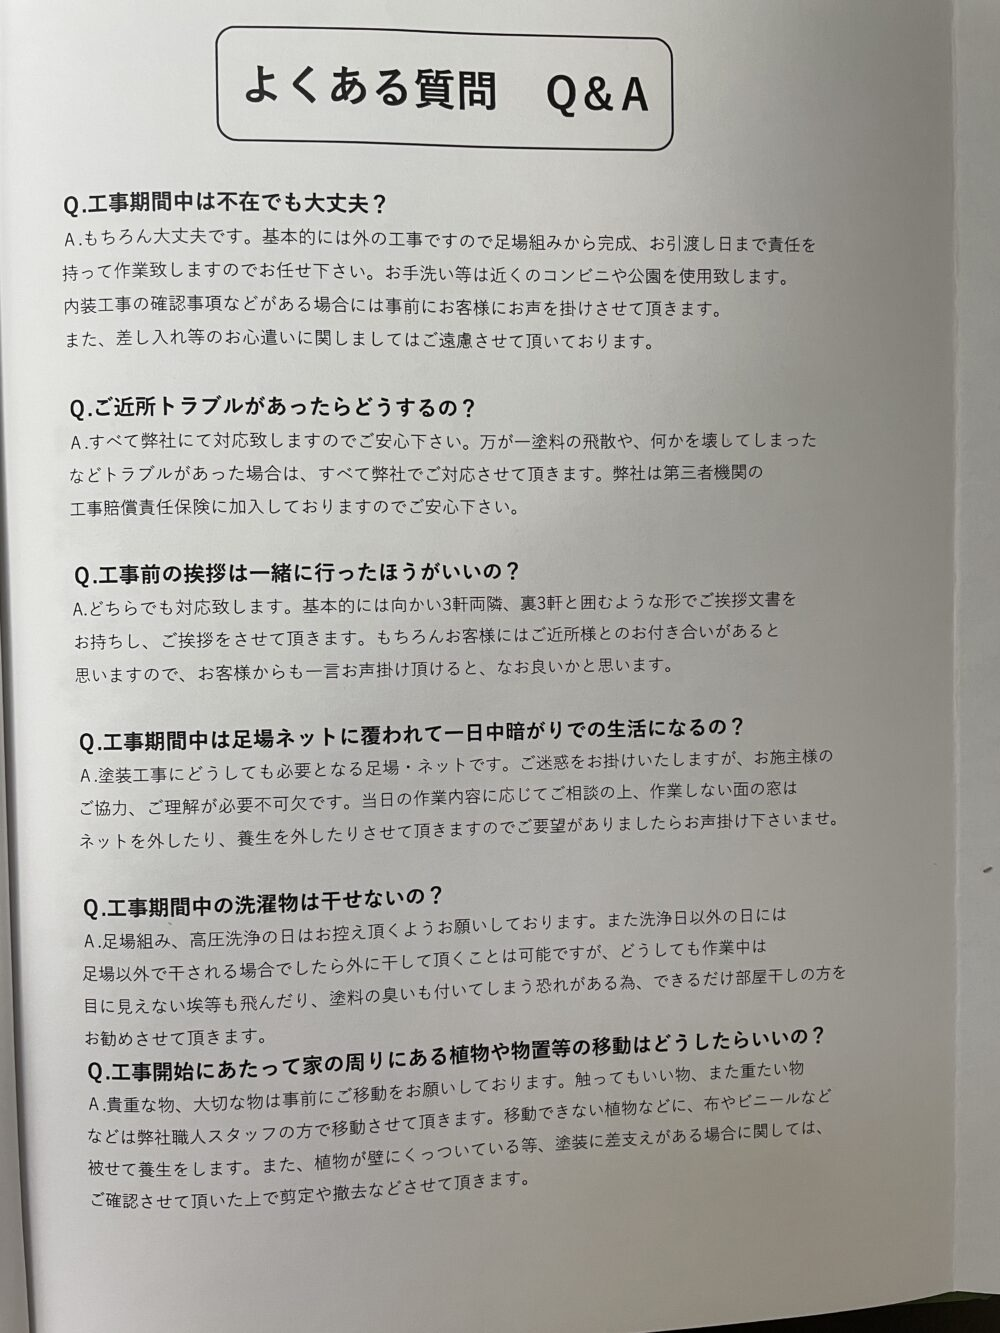 実際にもらった外壁塗装の提案書、注意事項の説明